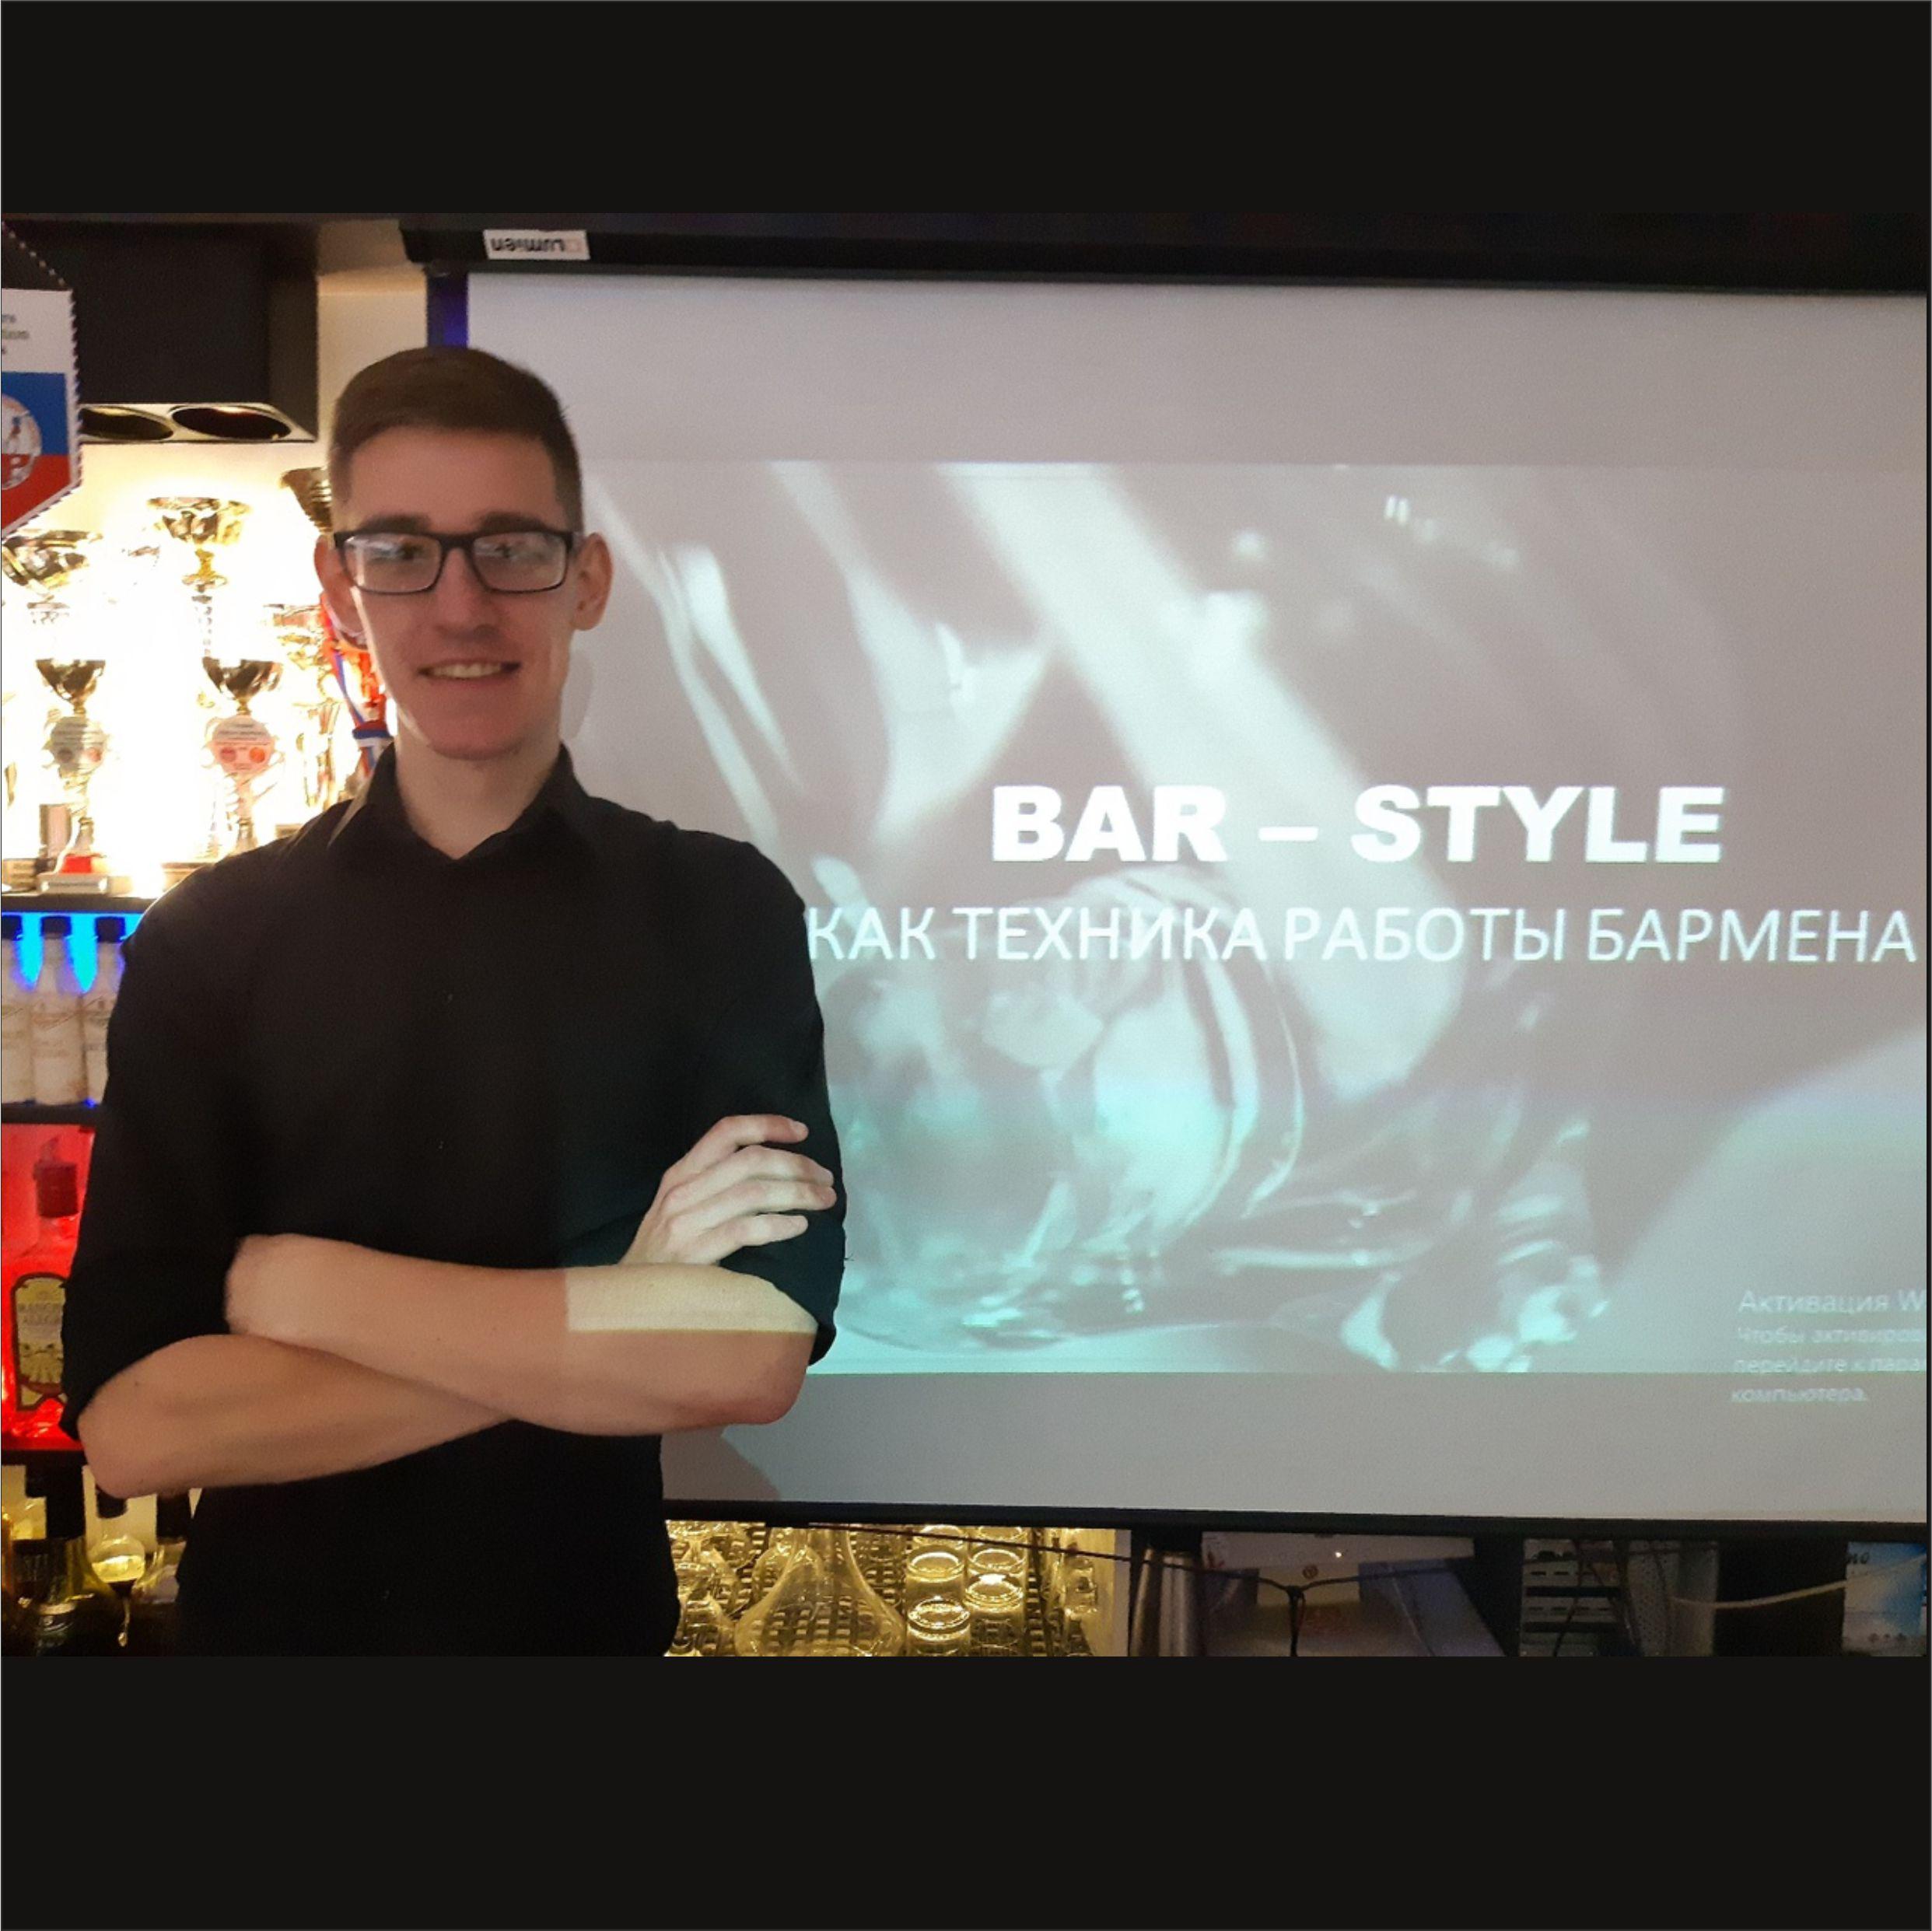 Макаров Андрей BAR style 1 2019